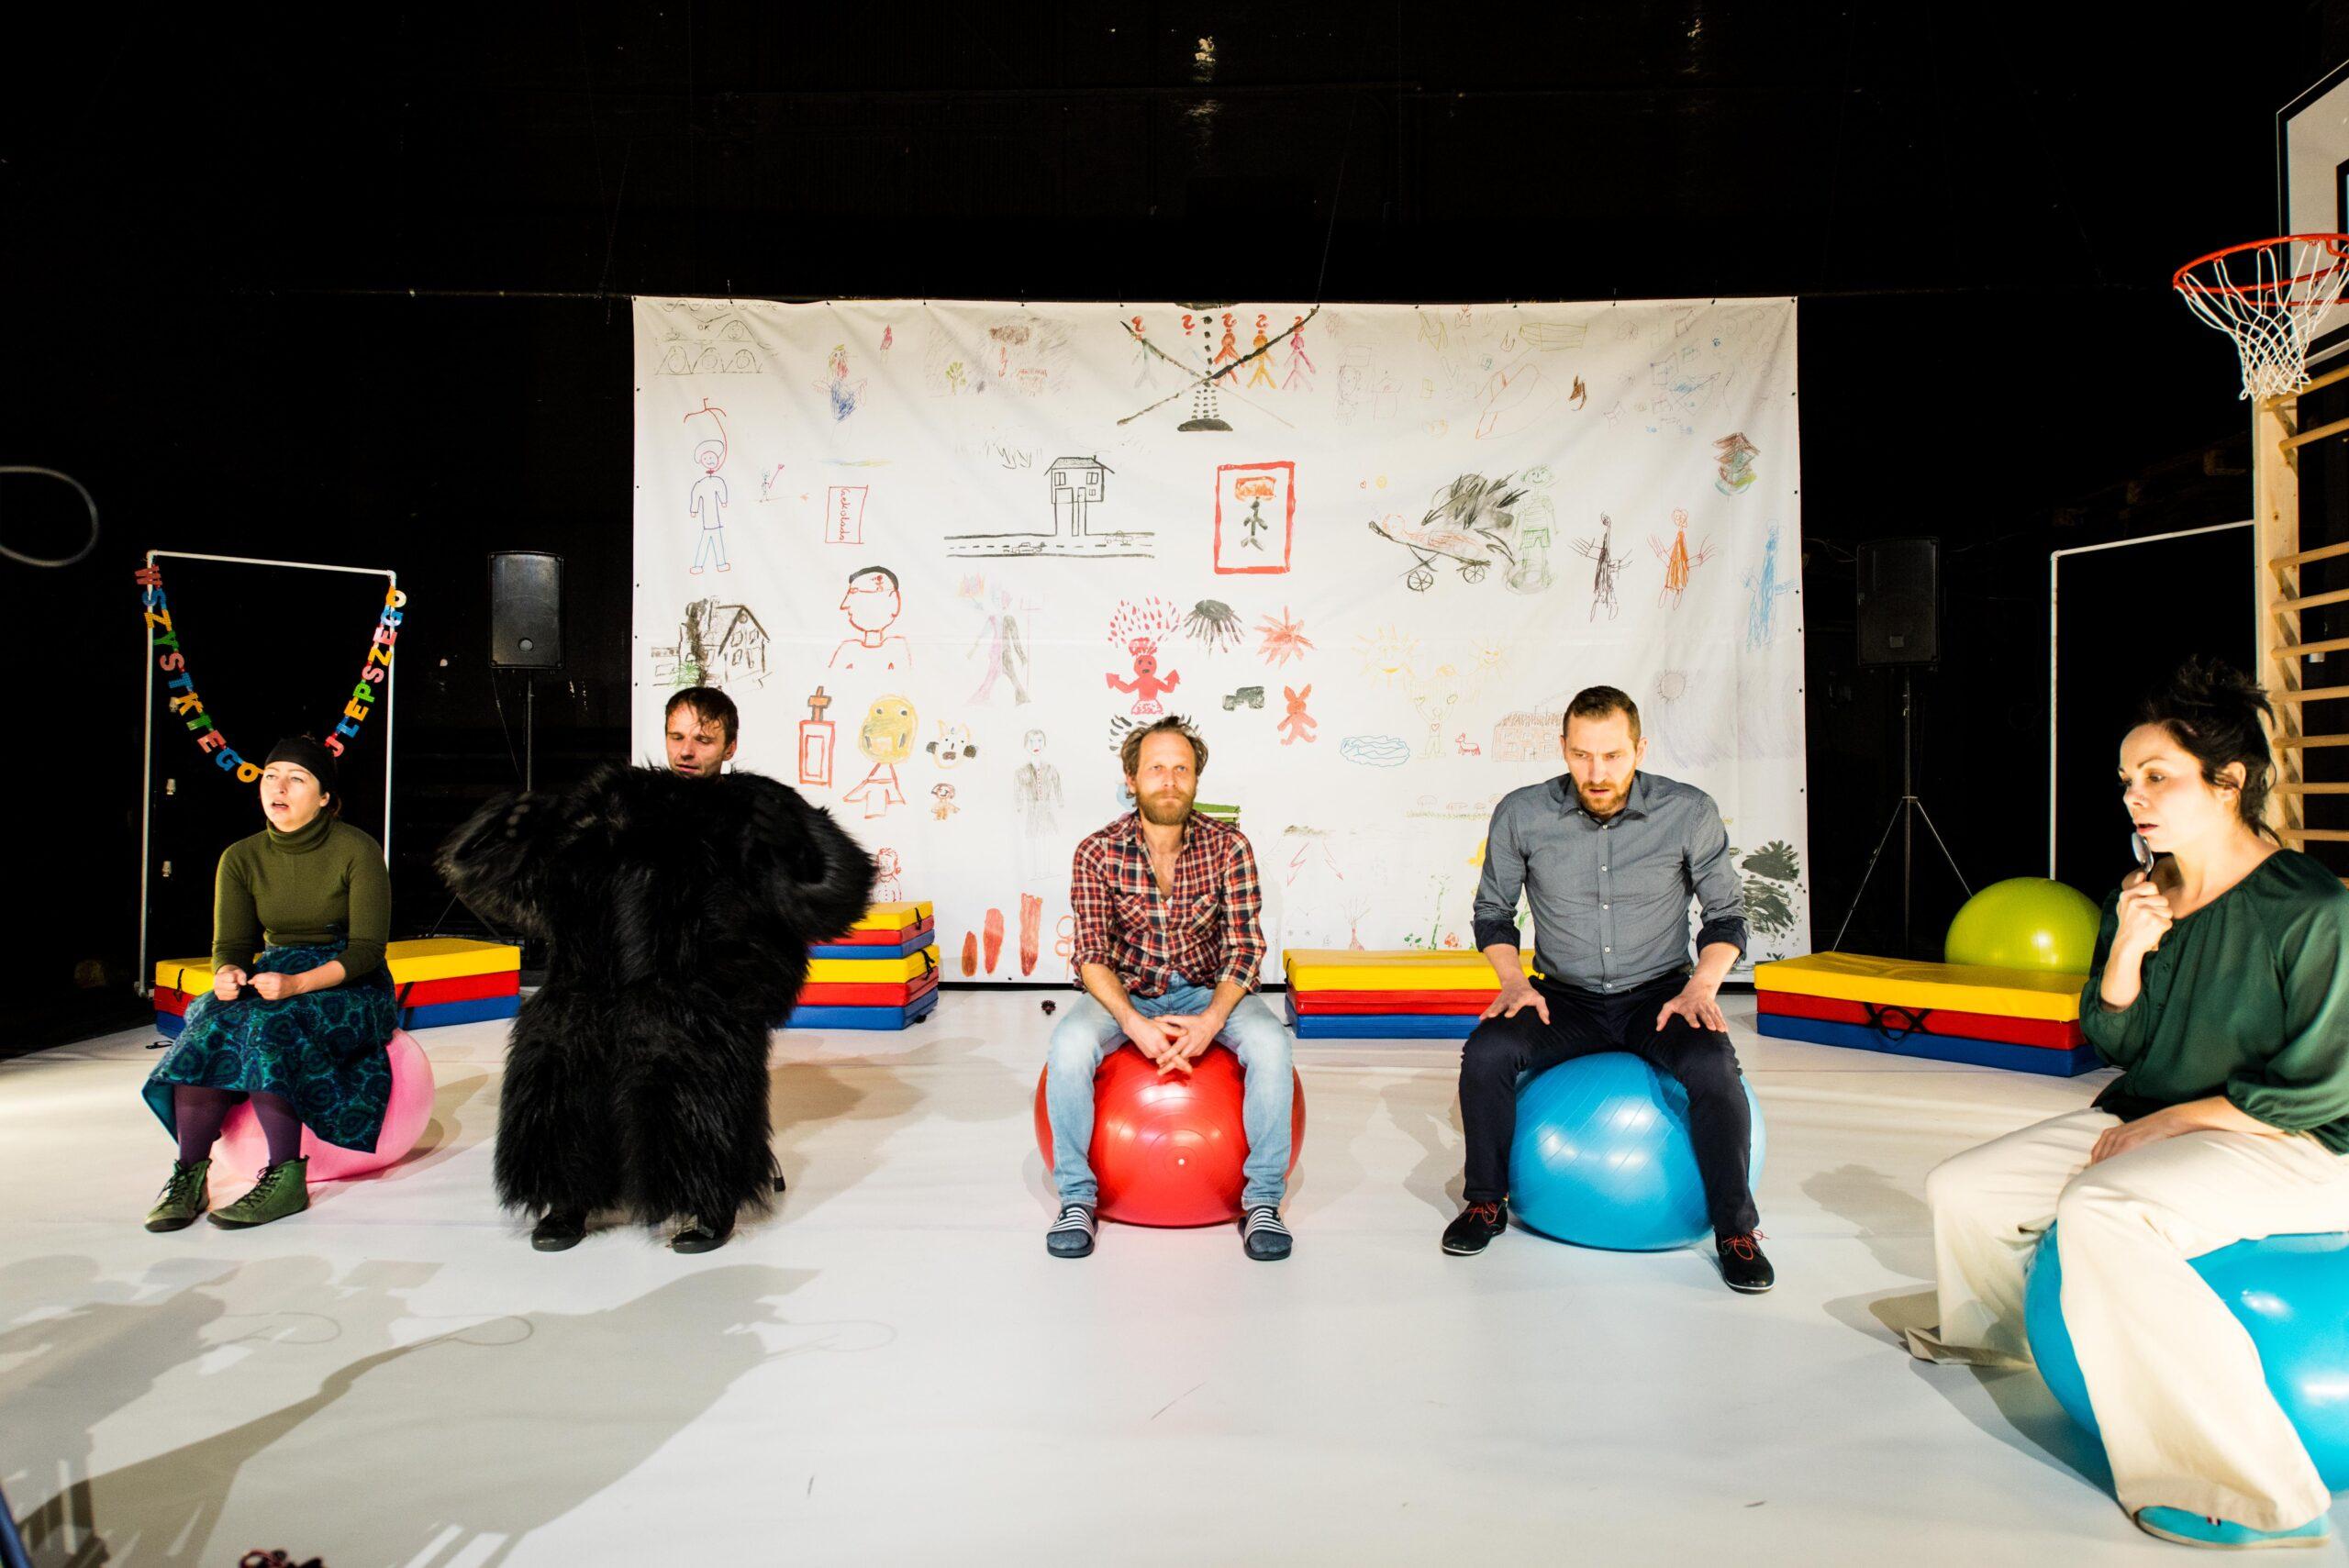 Grupa 5 osób siedzi na dmuchanych piłkach. Za ich plecami znajdują się dziecięce rysunki